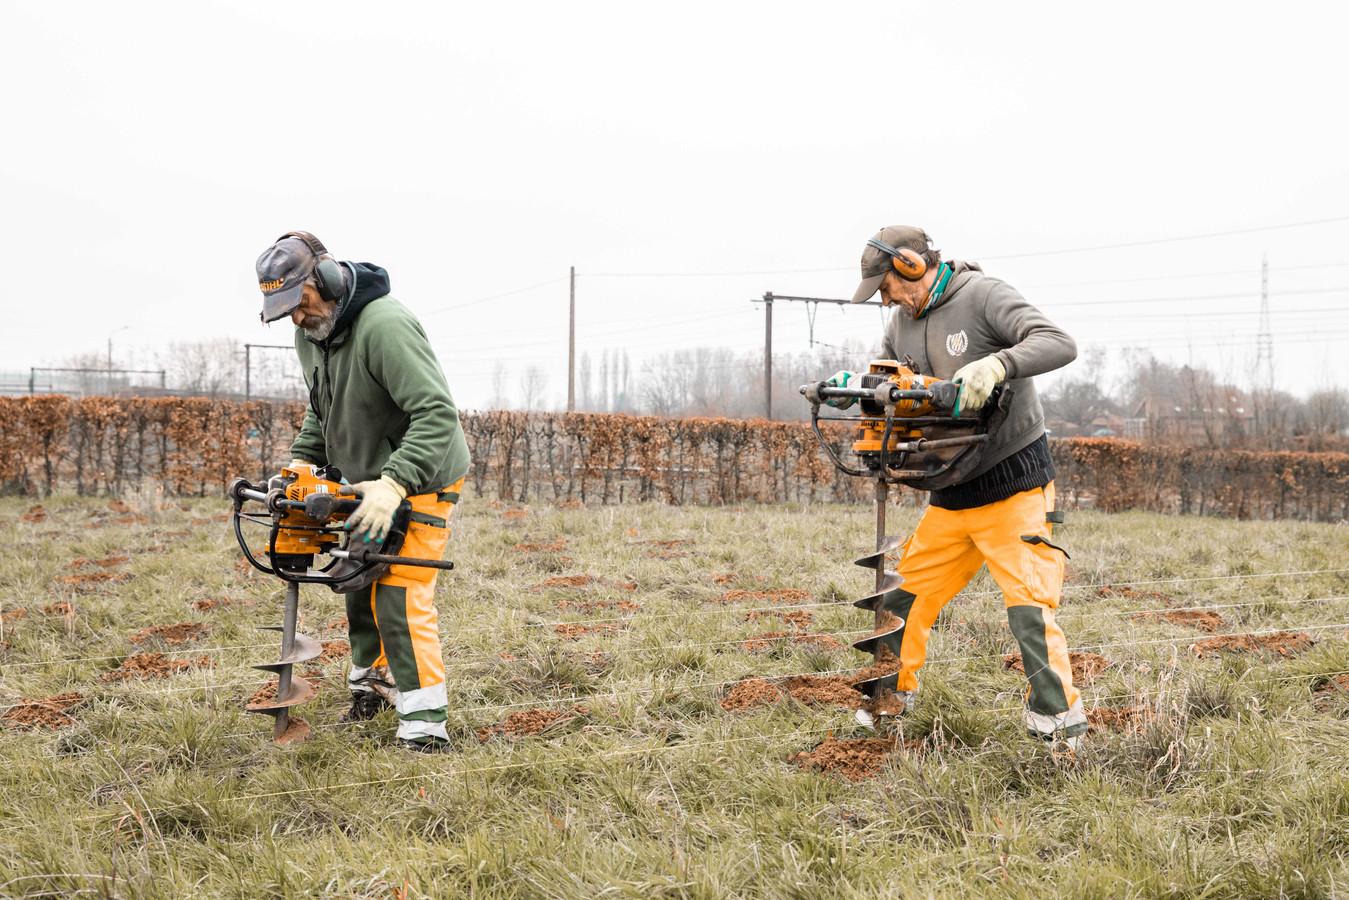 Arbeiders van ProNatura aan de slag bij het bewerken van de grond in de geboorteboomgaard.